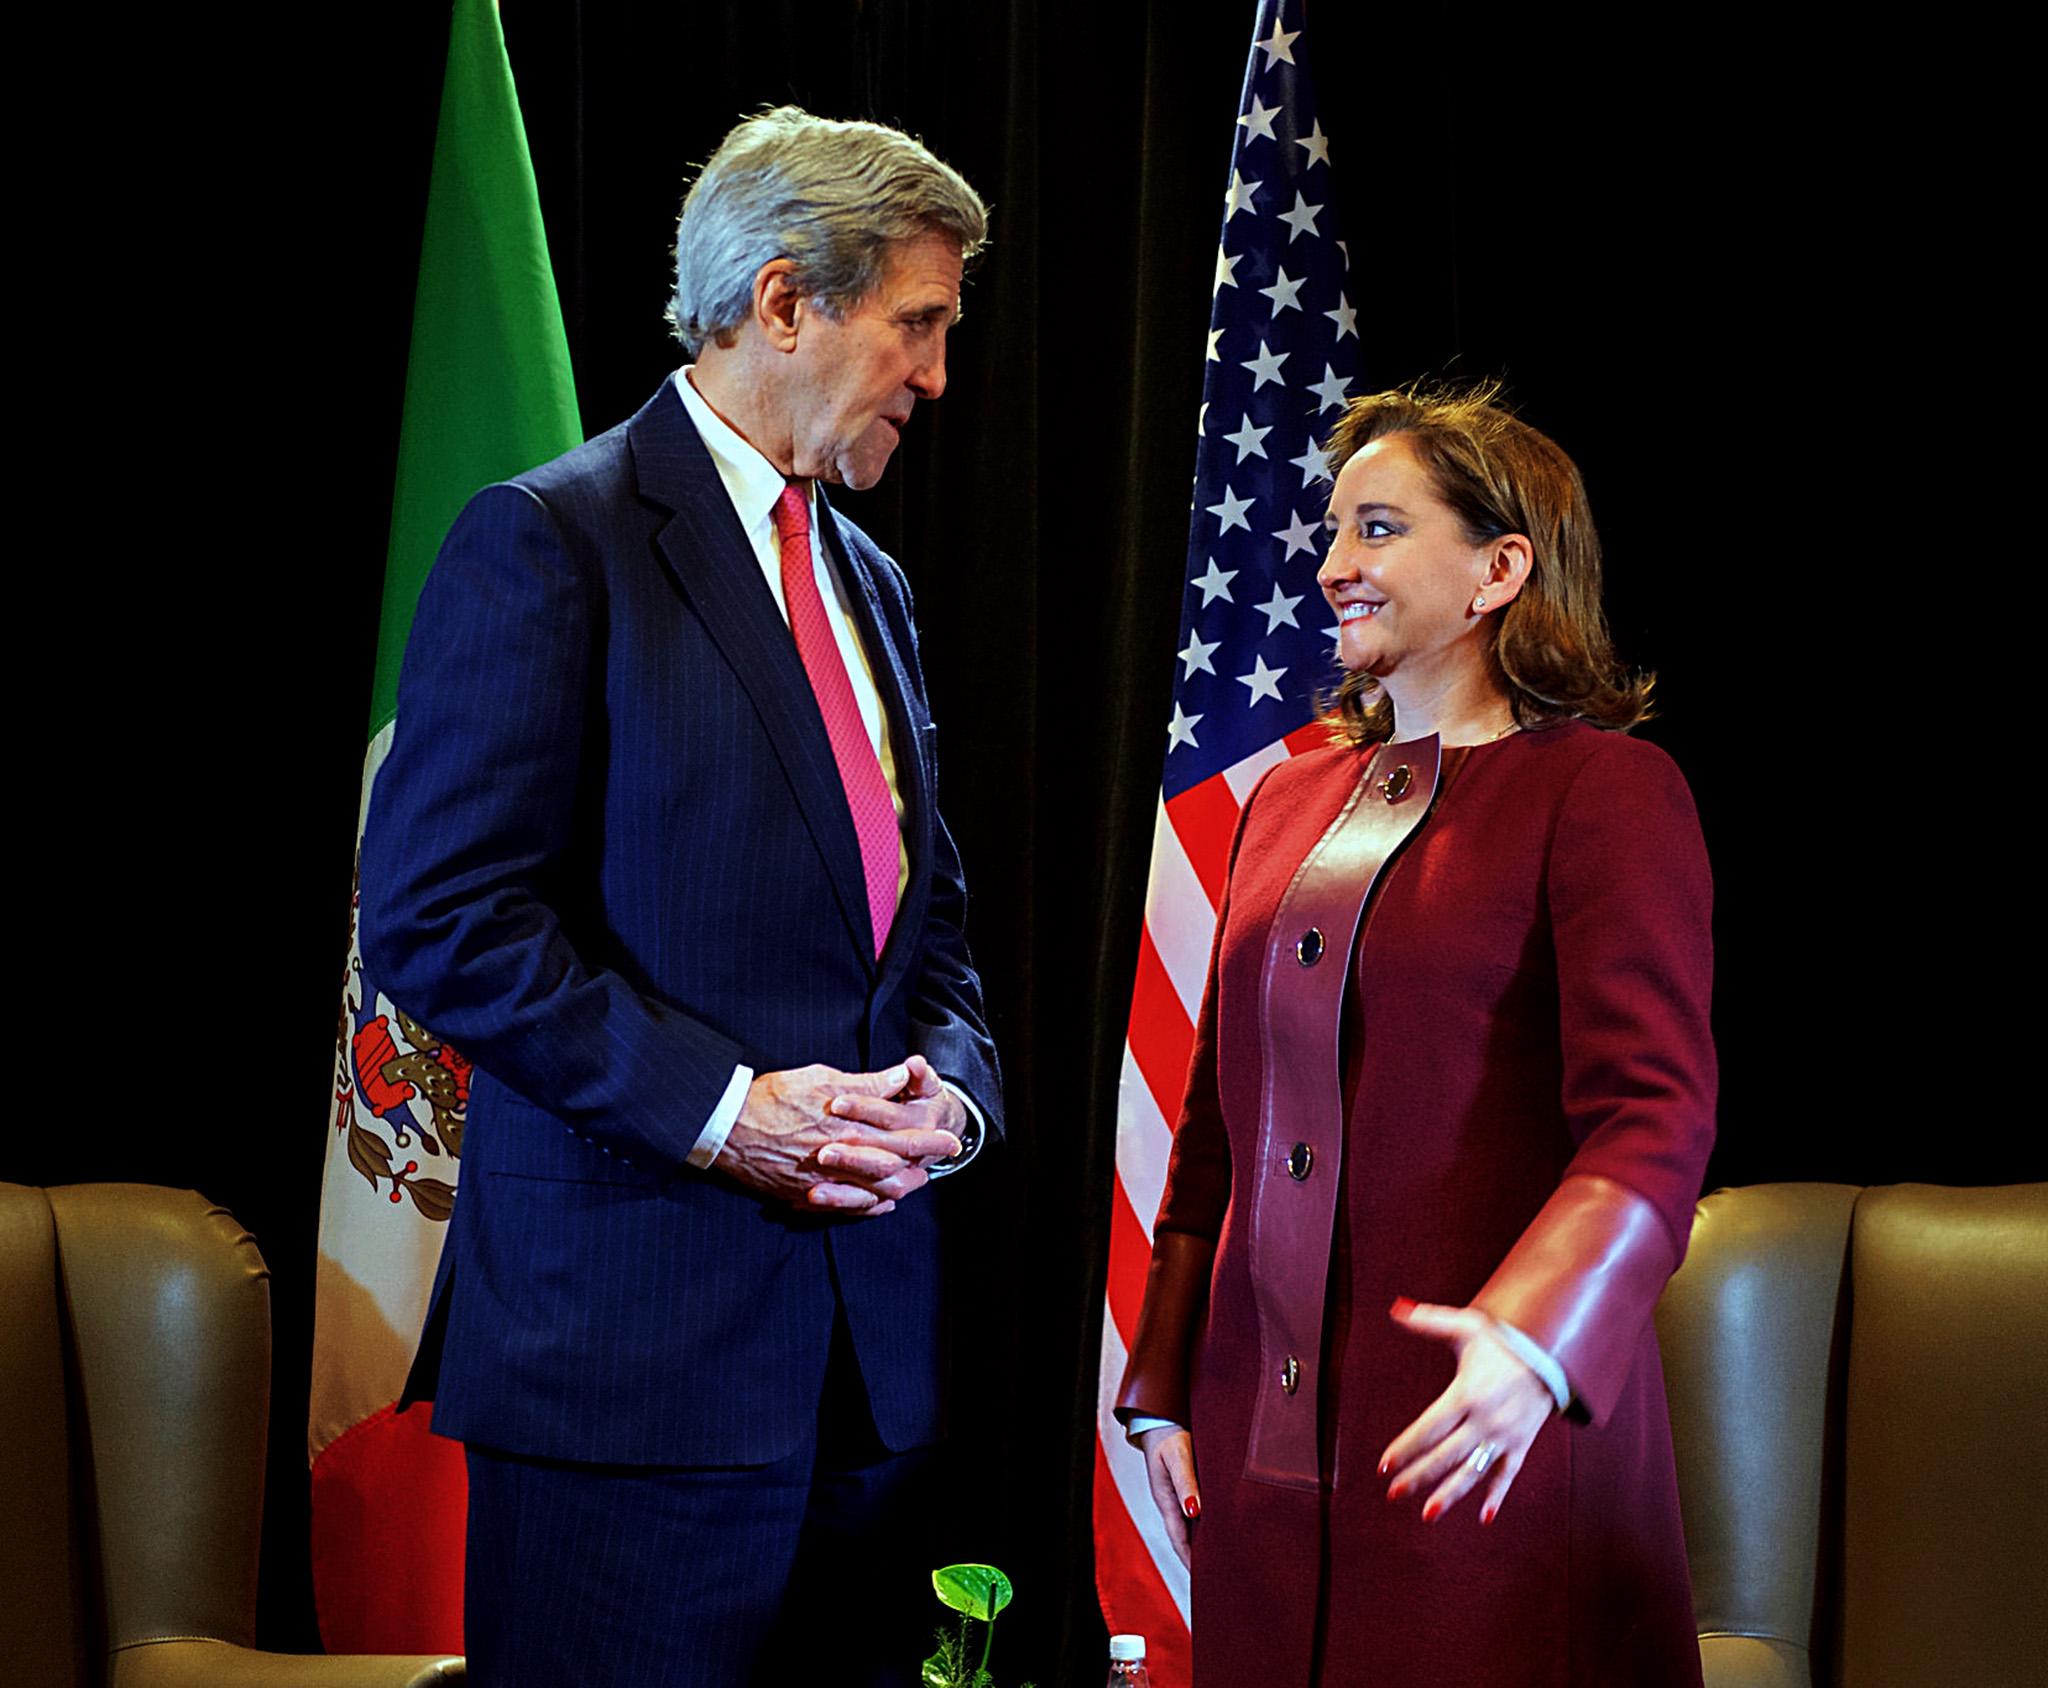 FOTO 2 Canciller Claudia Ruiz Massieu con el Secretario de Estado de Estados Unidos  John Kerry  Foto Departamento de Estado de EU jpg